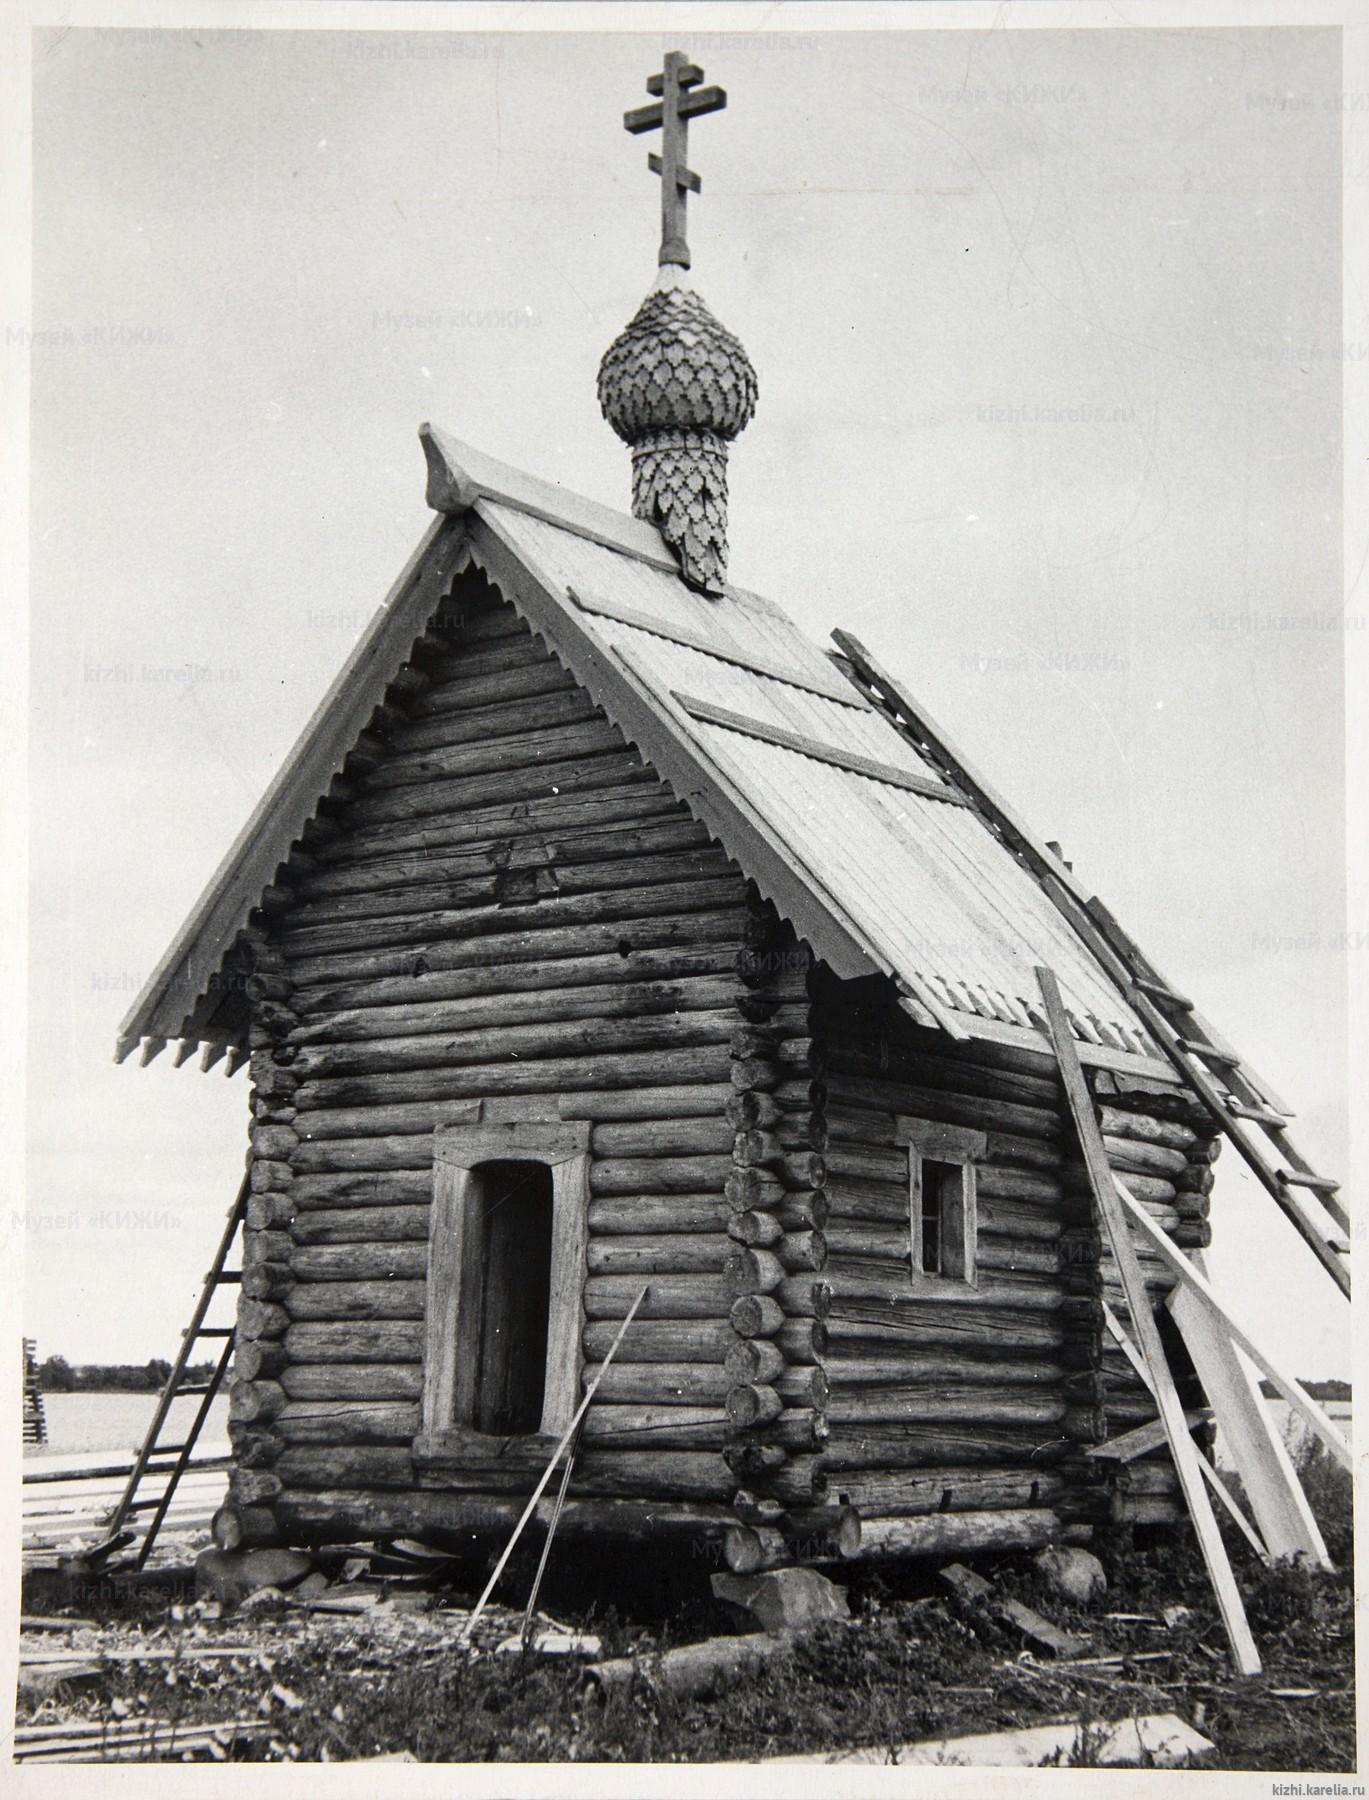 Оригинальный сруб церкви Воскрешения Лазаря во время восстановления ее на острове Кижи. (Фото из архива музея Кижи.)